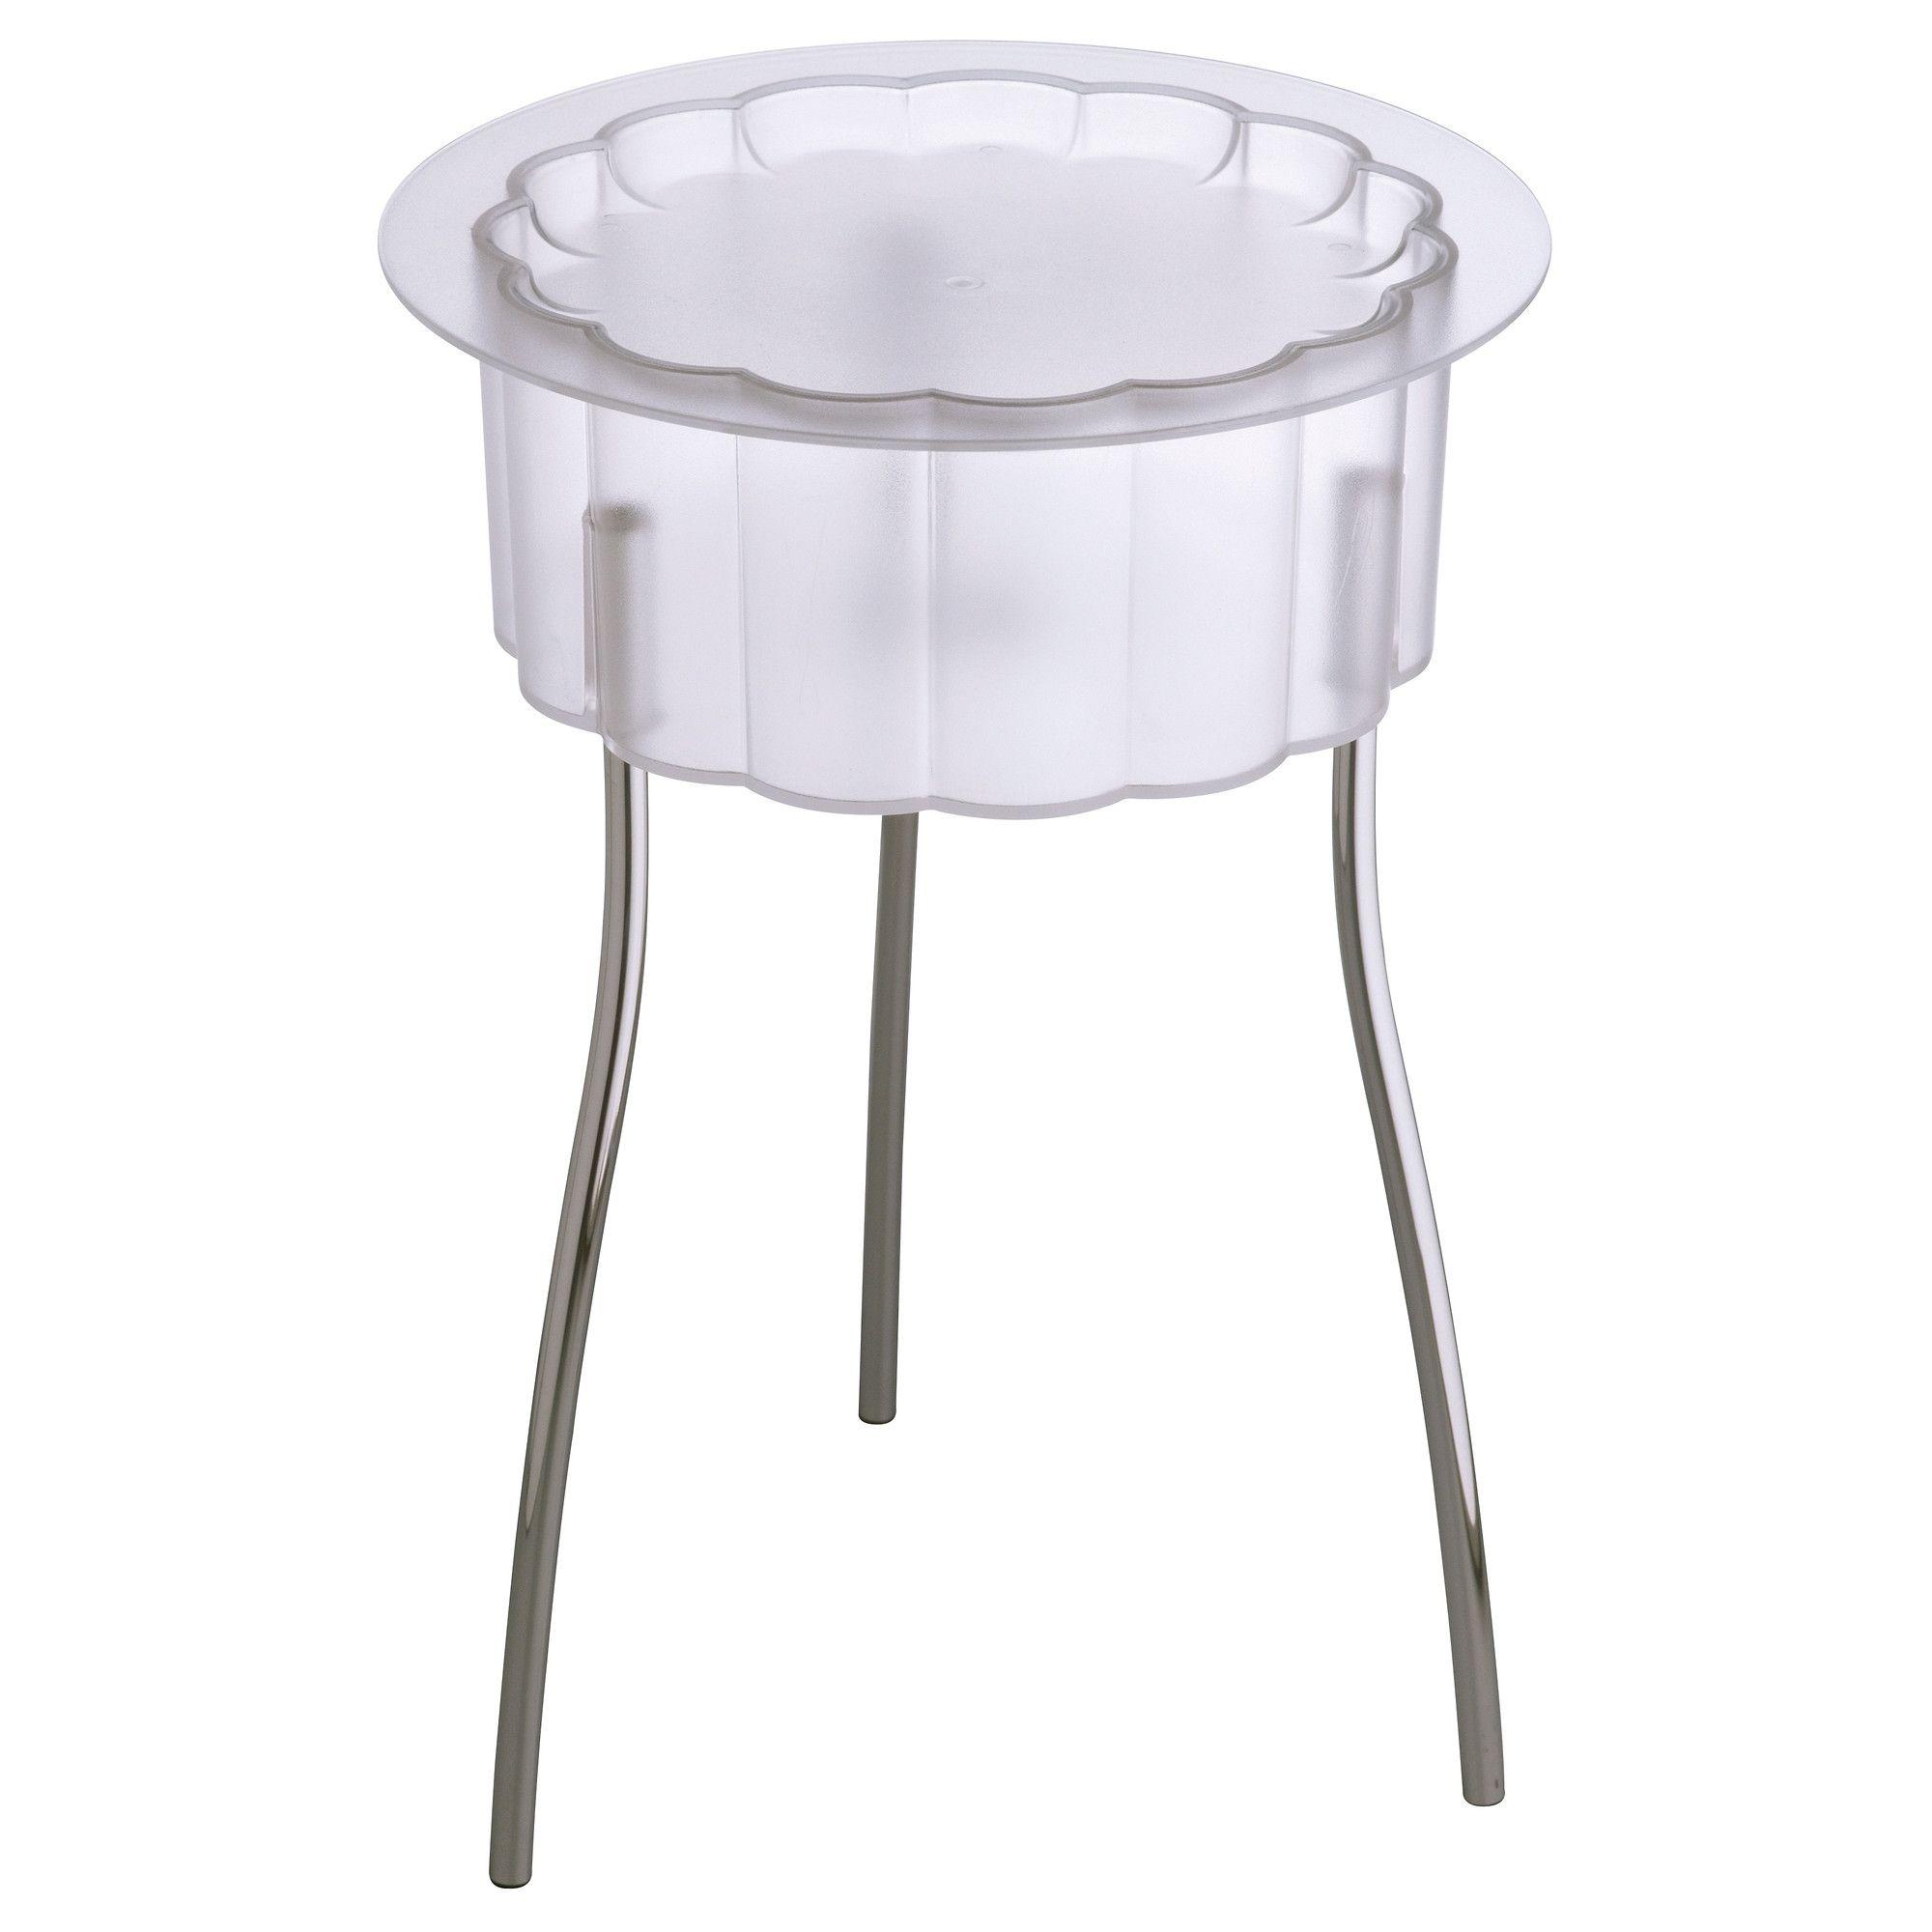 mobilier et d coration int rieur et ext rieur terrasse. Black Bedroom Furniture Sets. Home Design Ideas